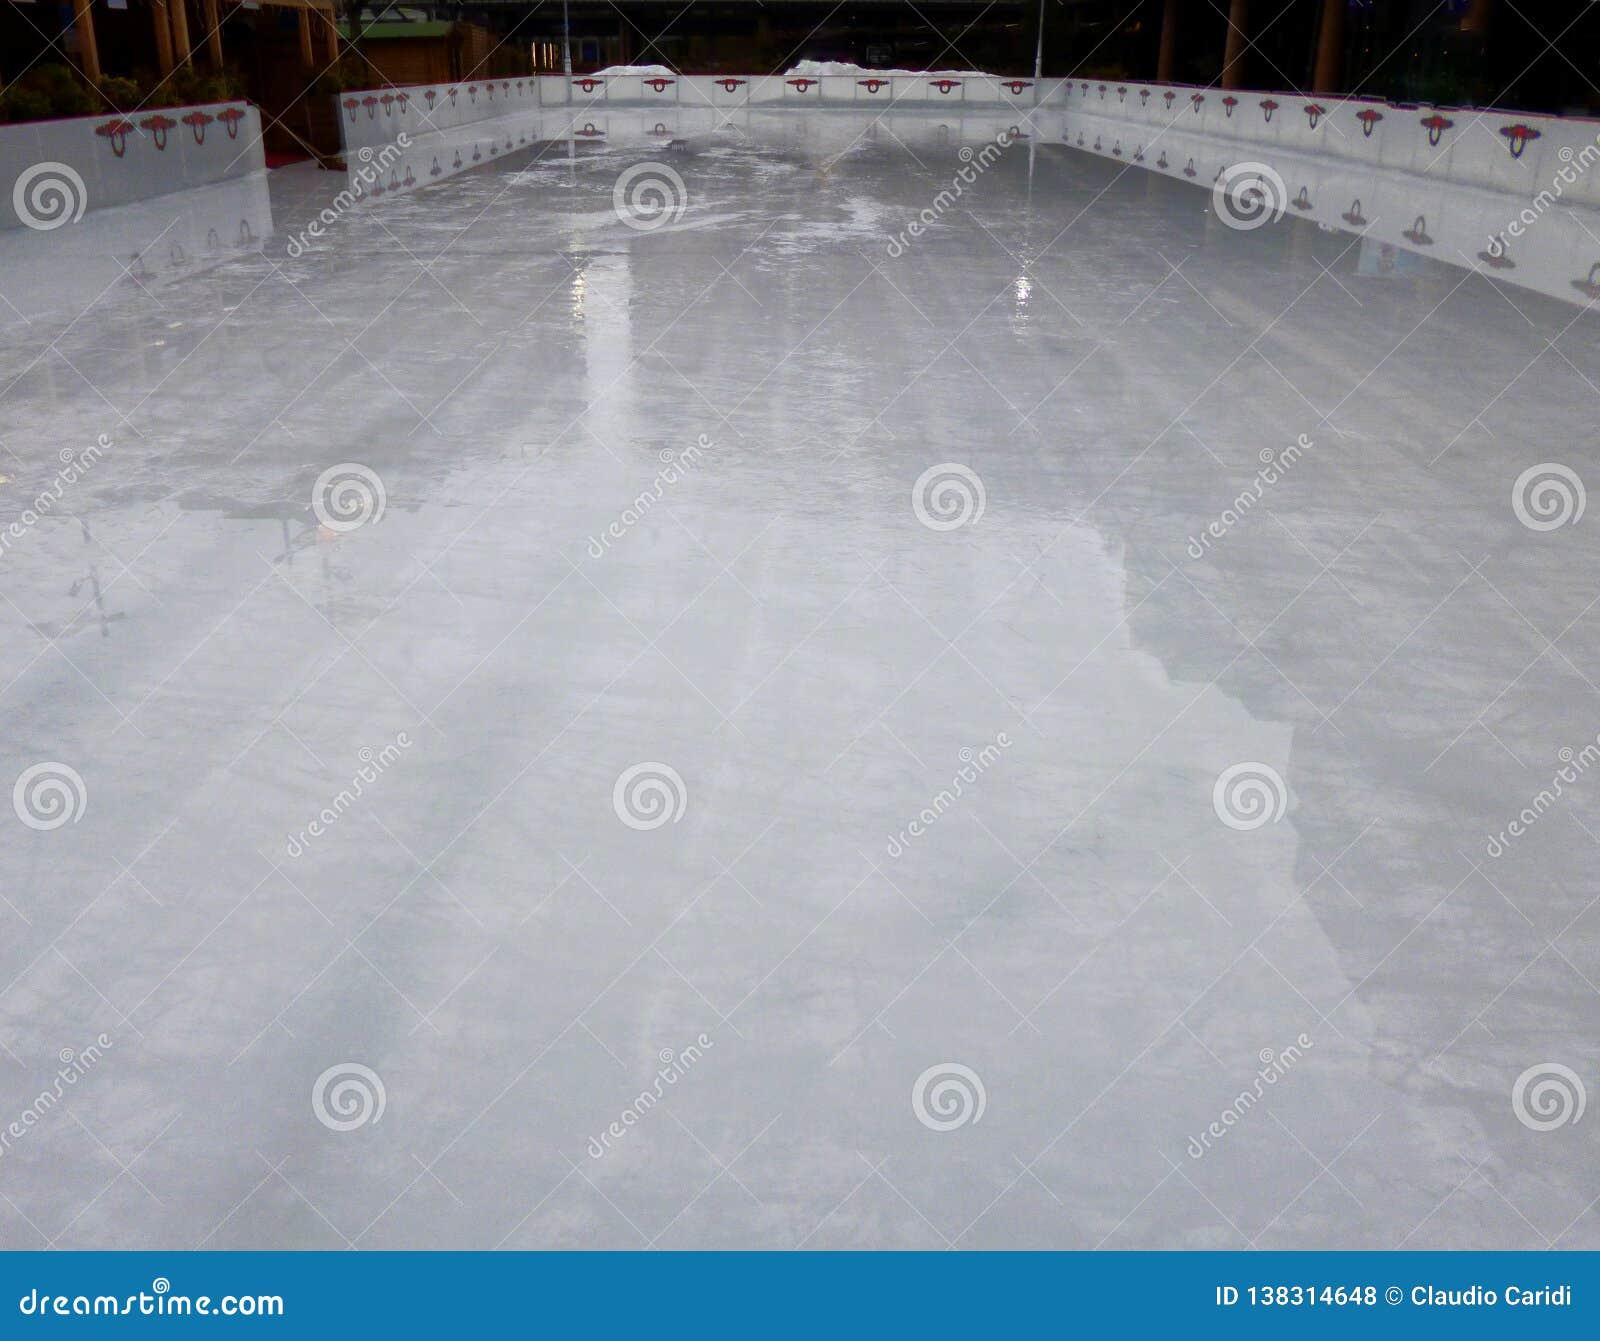 Pusty lodowy lodowisko, łyżwiarska arena